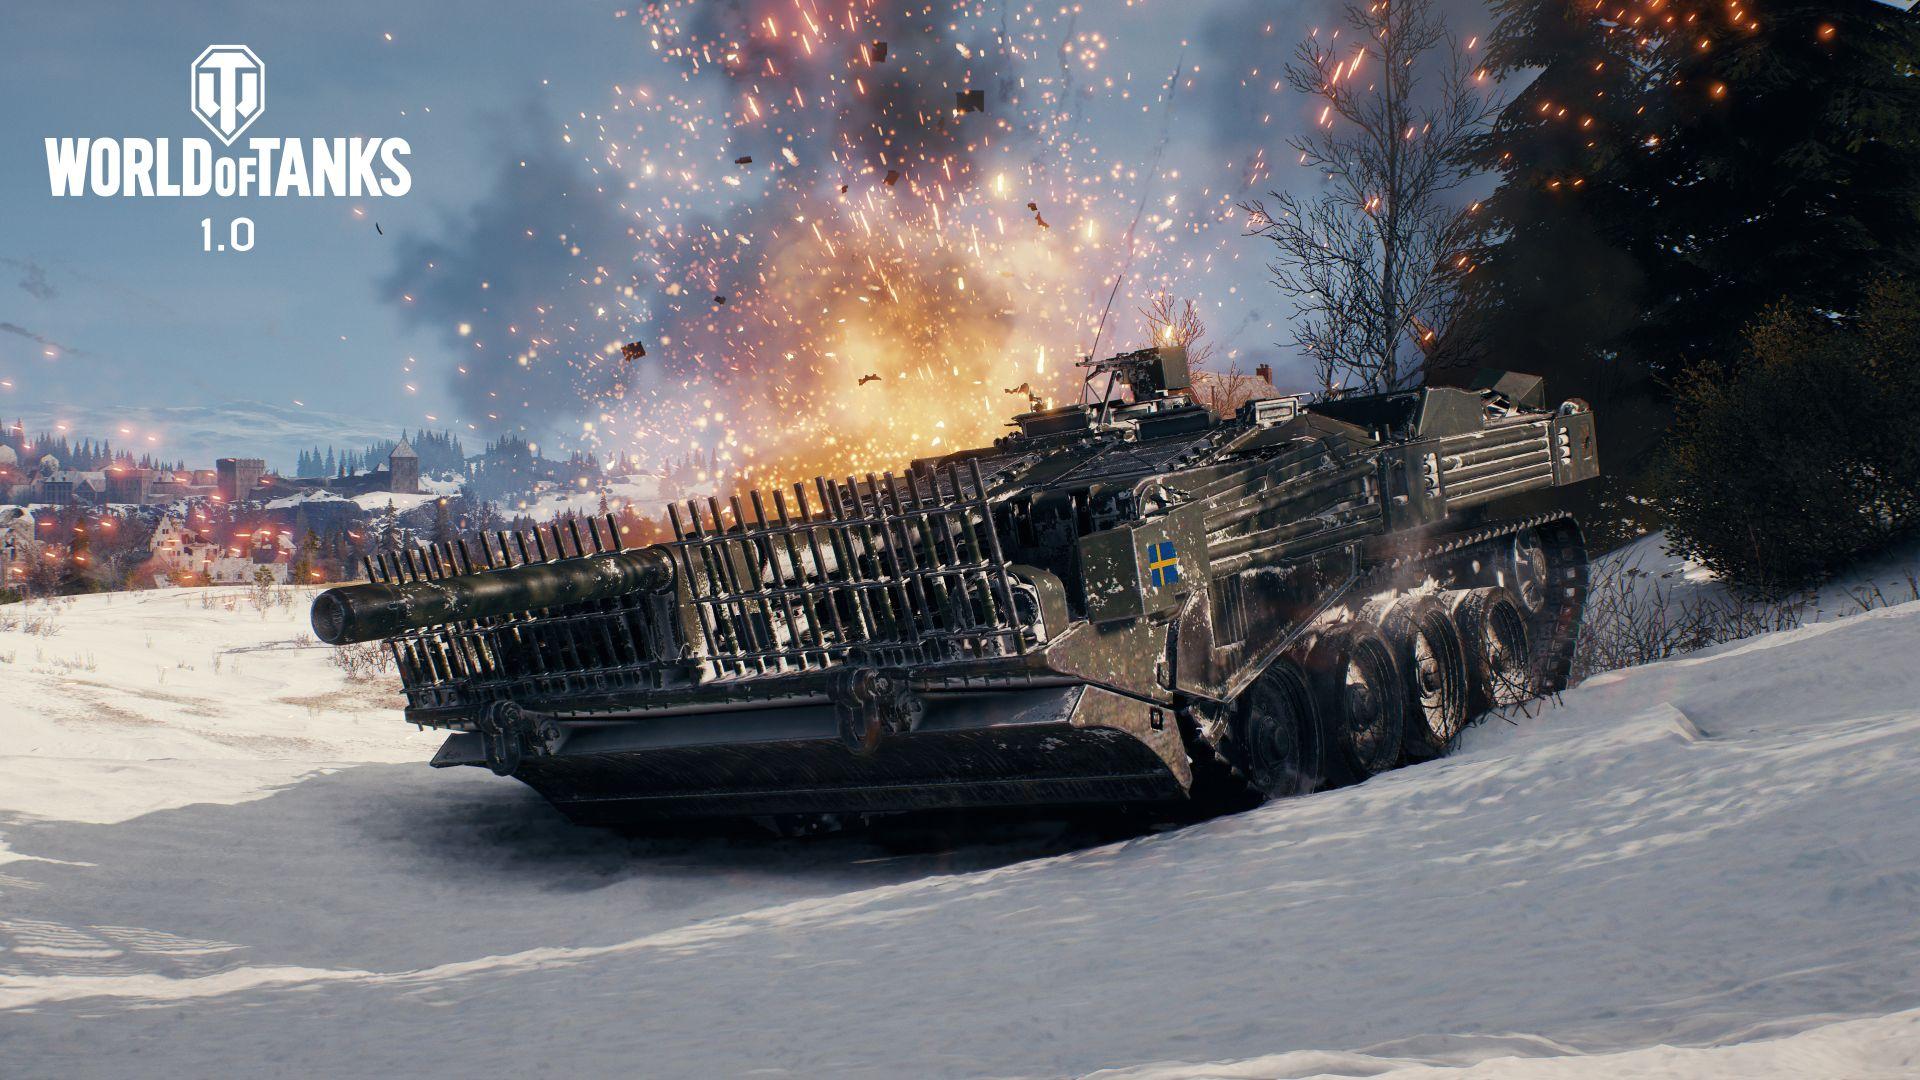 World of Tanks 1.0: Kommt die Grafikpracht auch zu PS4 und Xbox One?